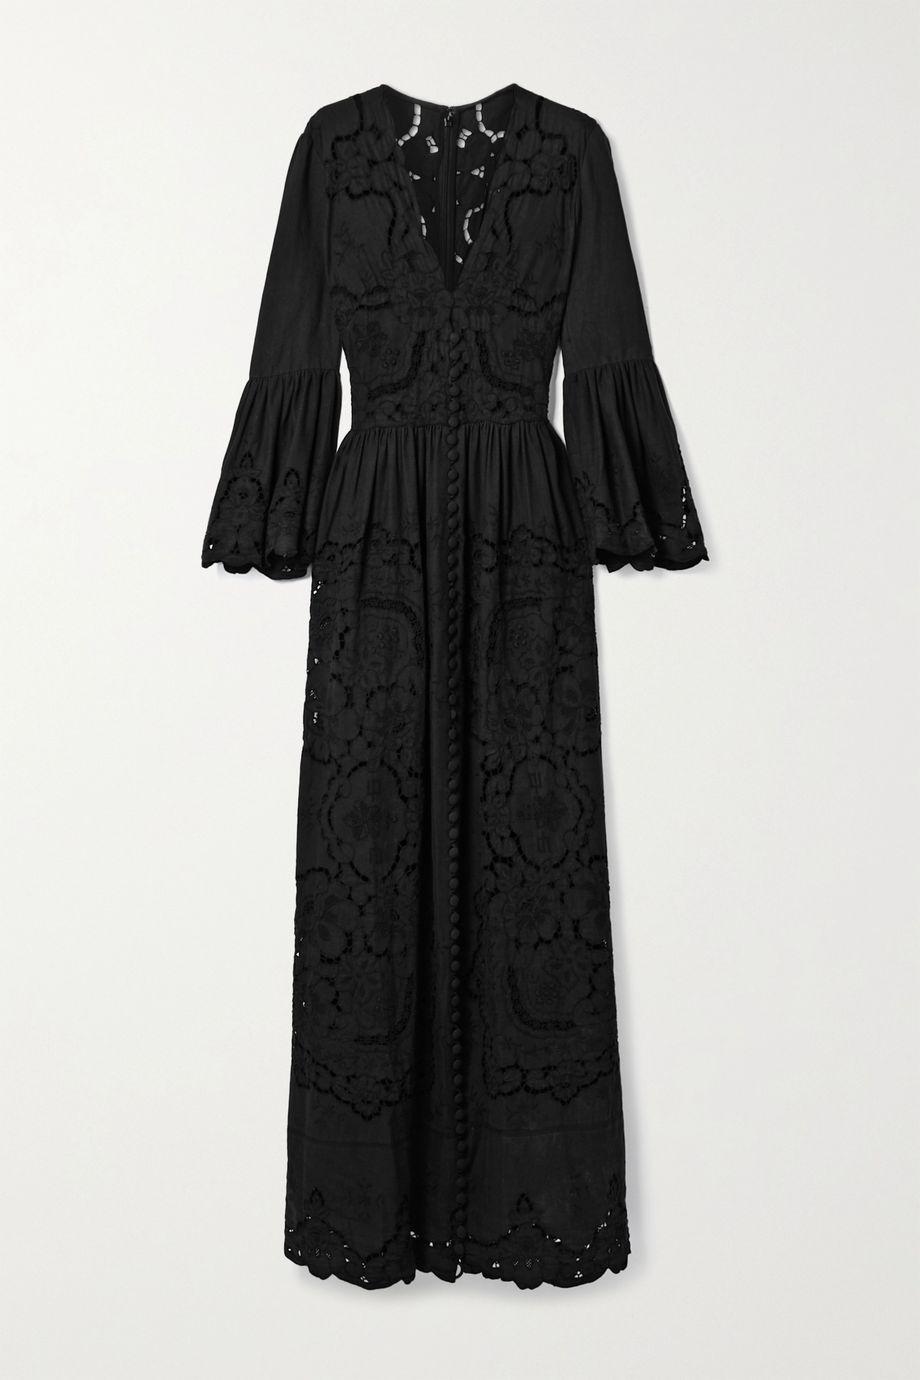 Costarellos Rusie Robe aus einer Mischung aus Seide, Leinen und Baumwolle mit Stickereien